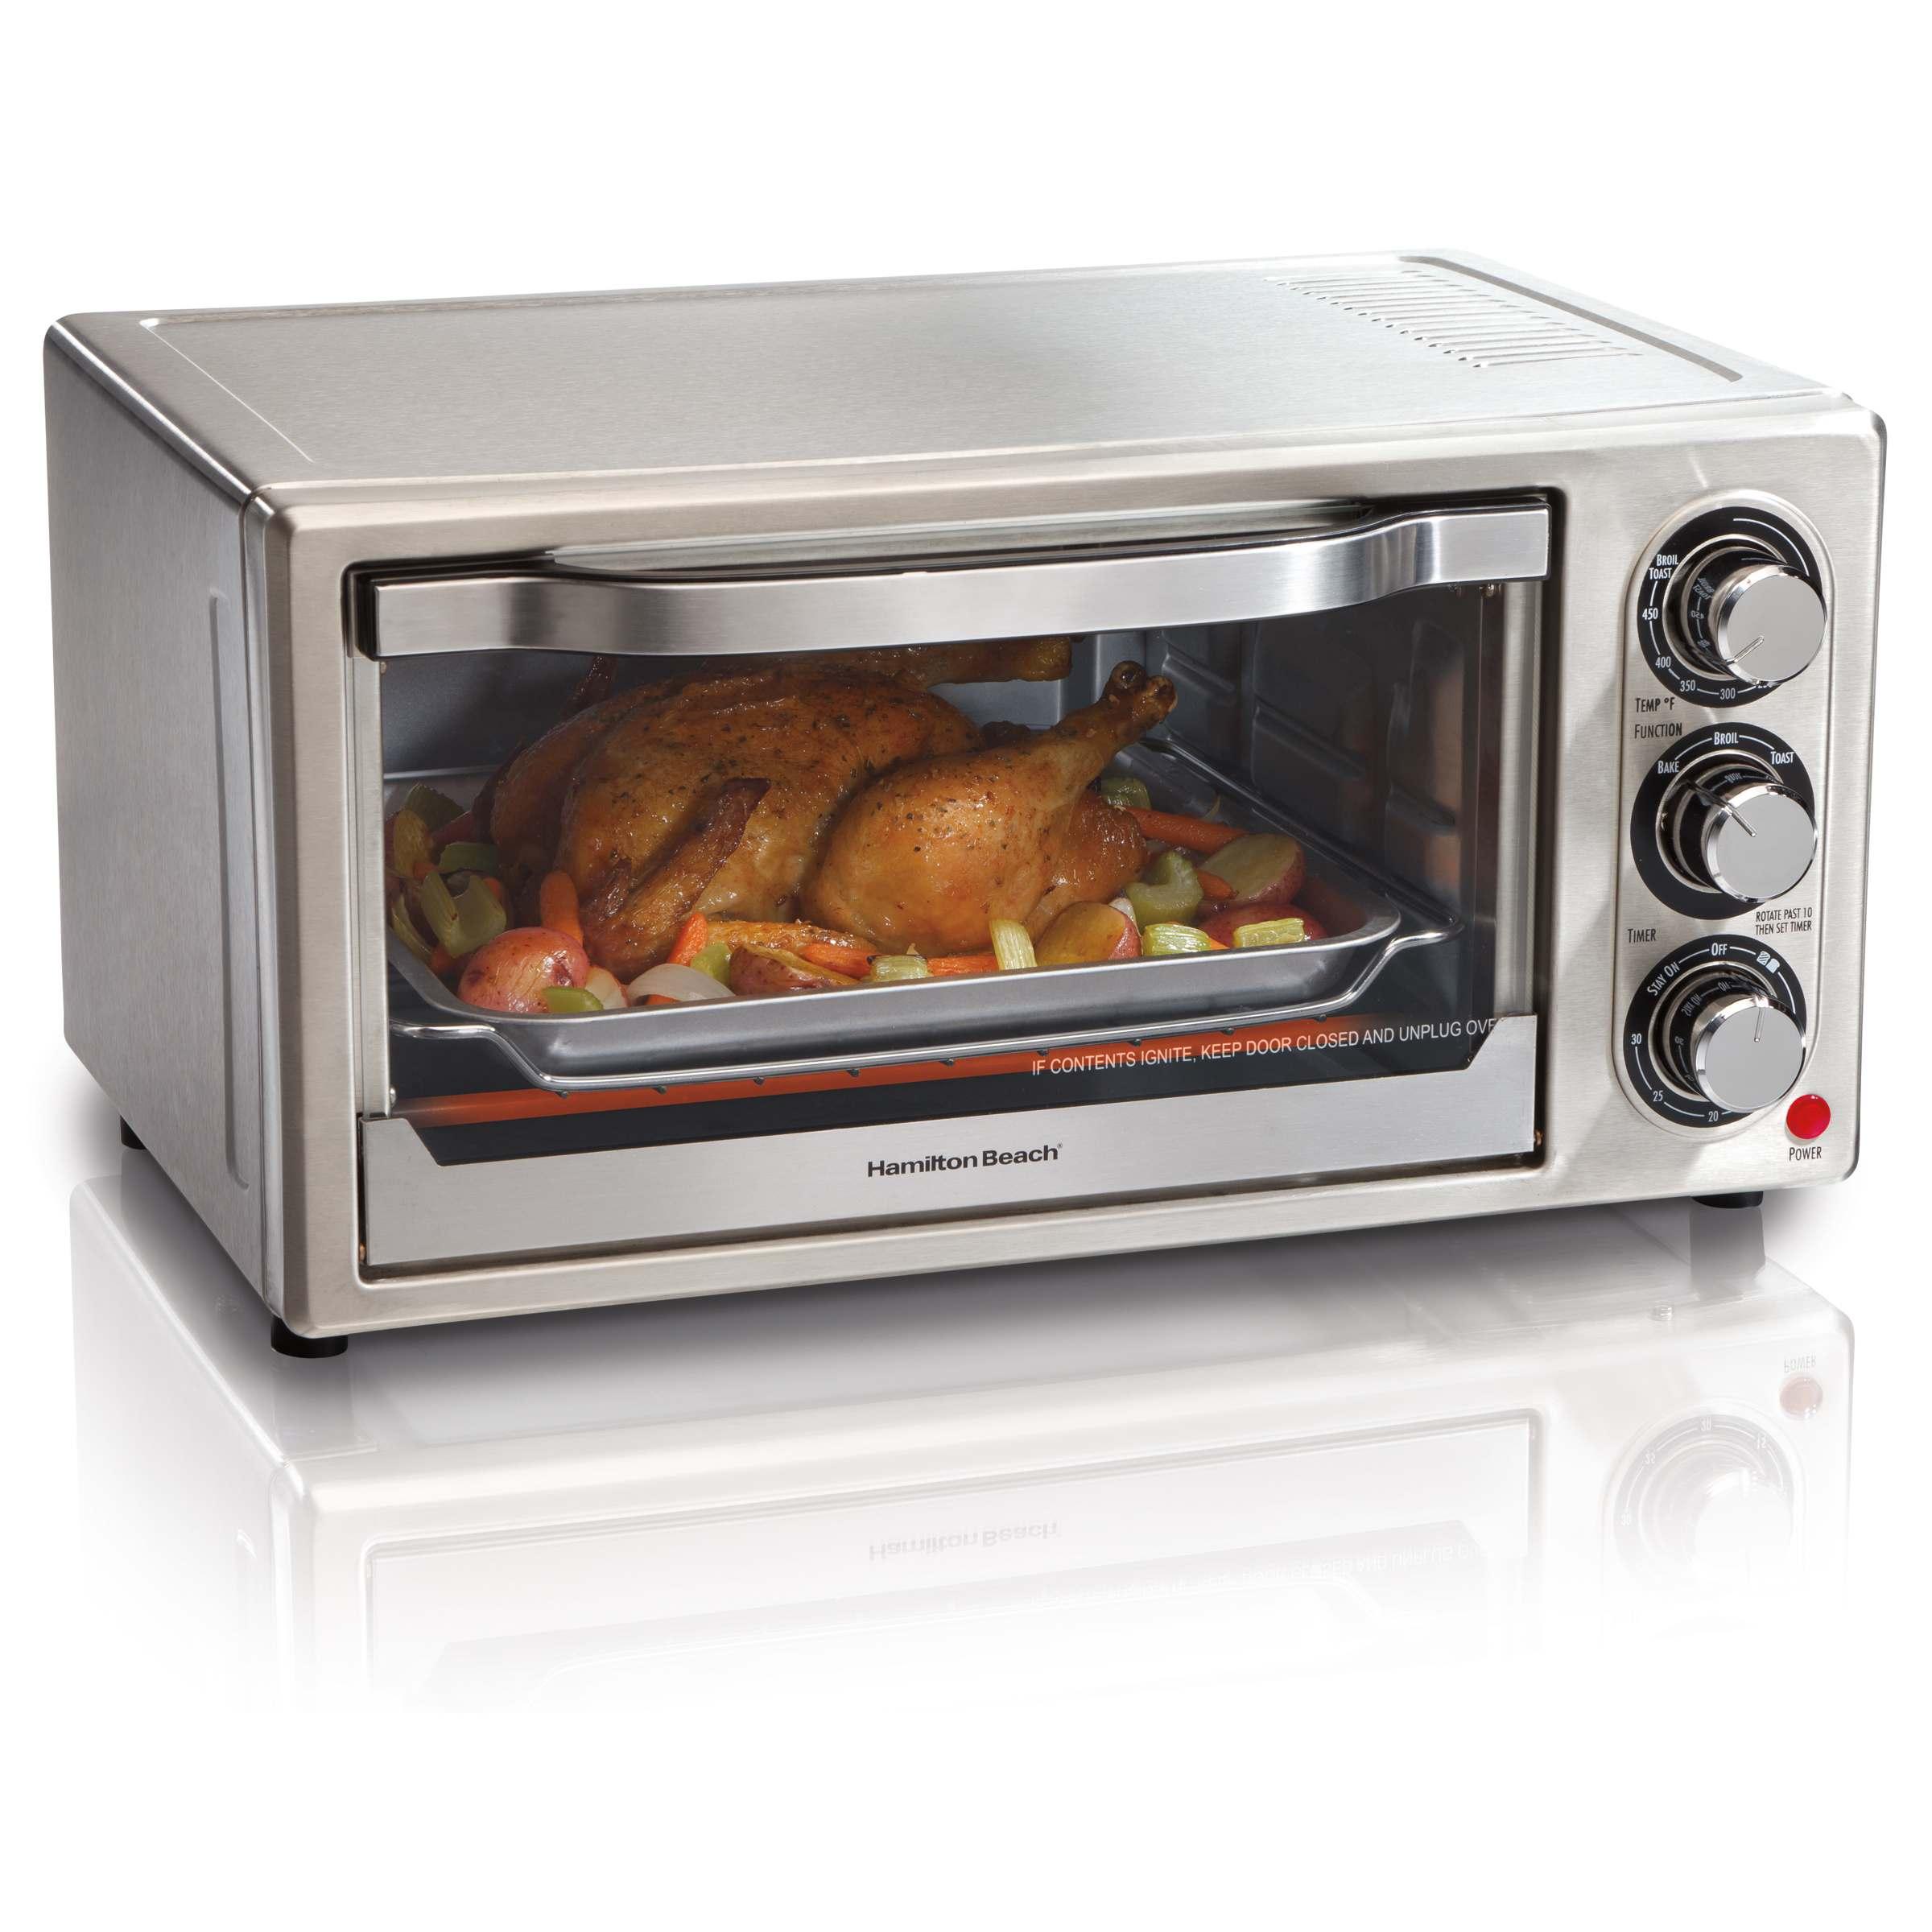 Countertop Oven Toaster : Hamilton Beach Stainless Steel 6-slice Toaster Oven - Overstock ...